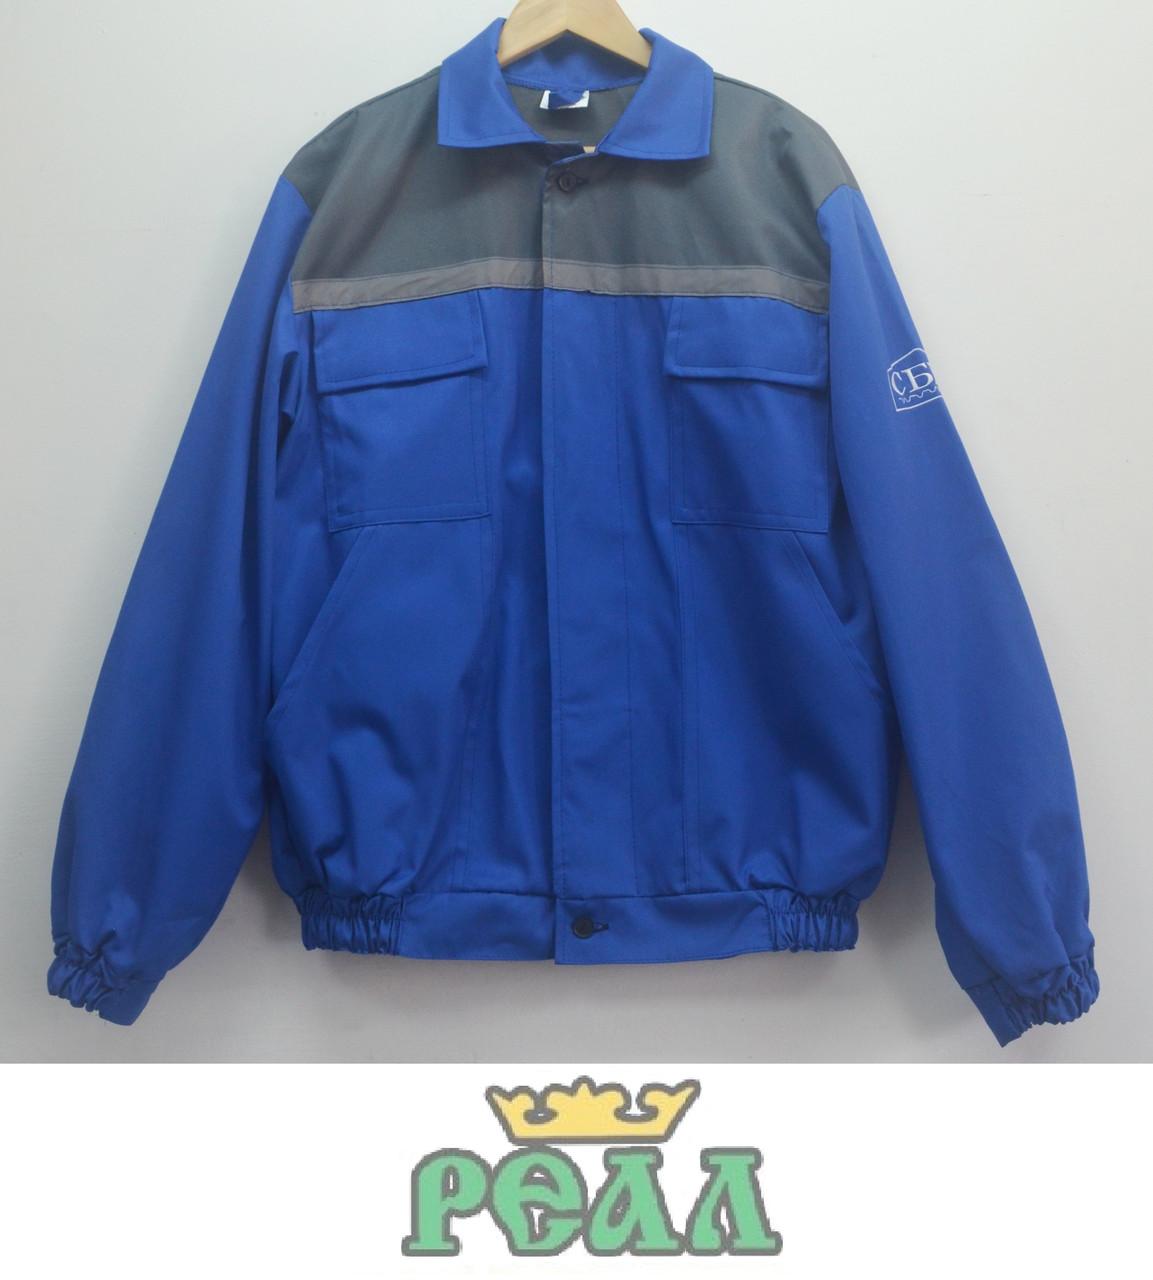 Костюм робочий (куртка і штани), (пошиття спецодягу під замовлення), фото 1